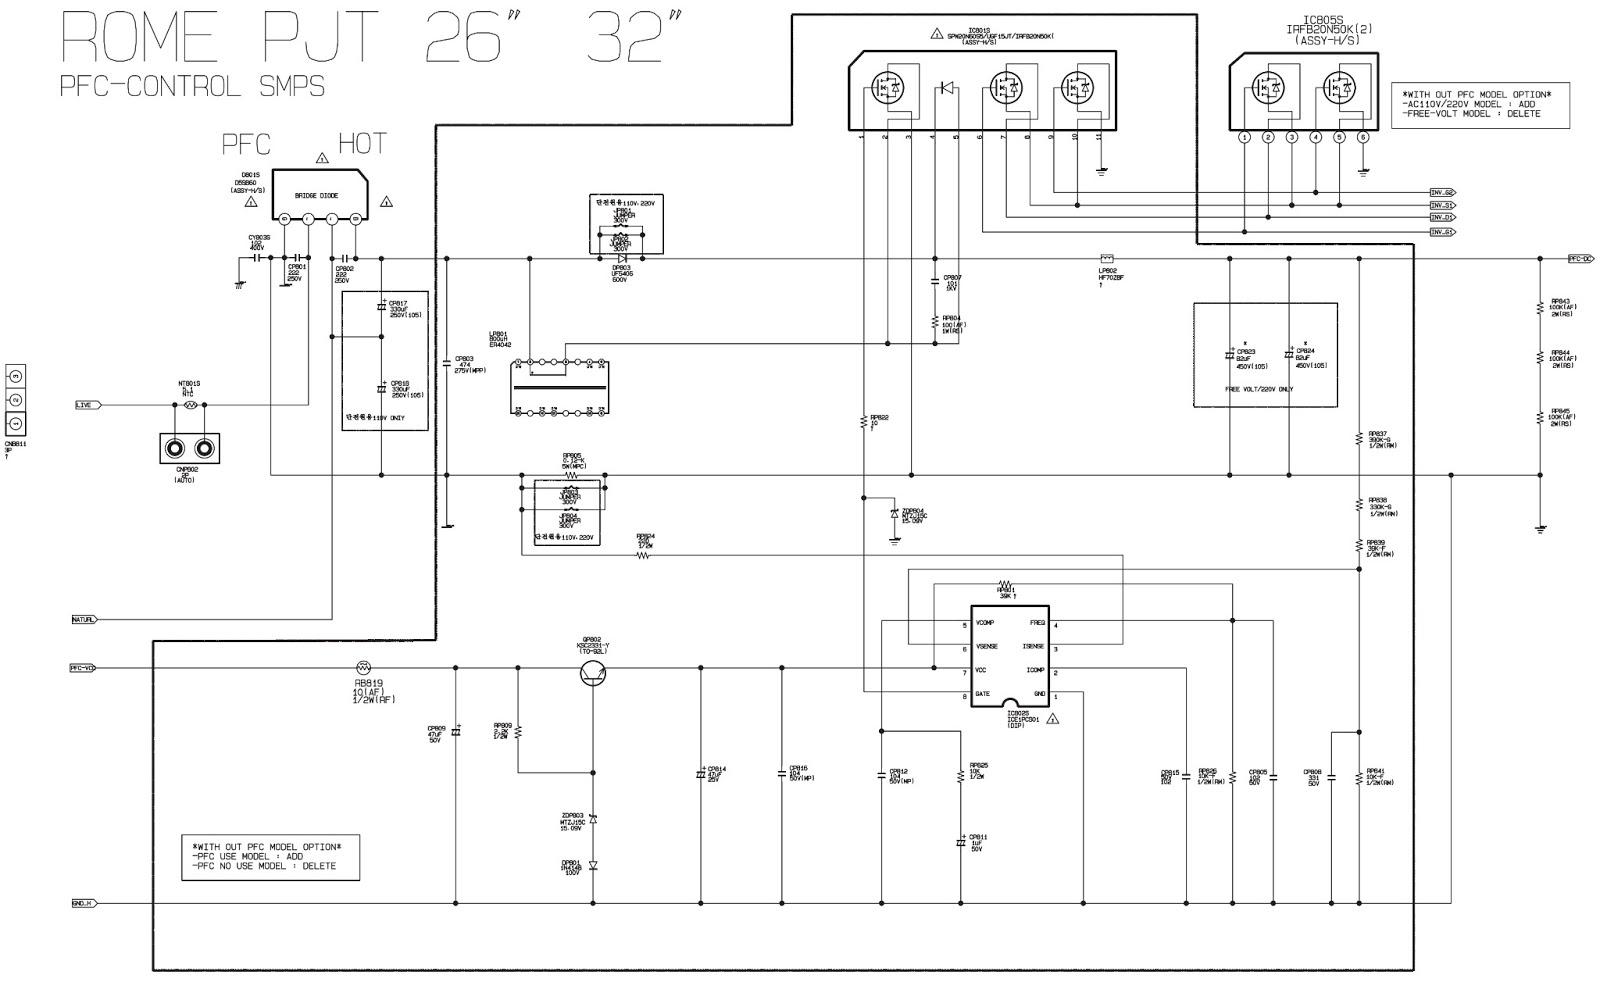 samsung tft-lcd tv le26m51b - le32m51b - le32m61b ... samsung dv218aew wiring schematic samsung lcd wiring schematic